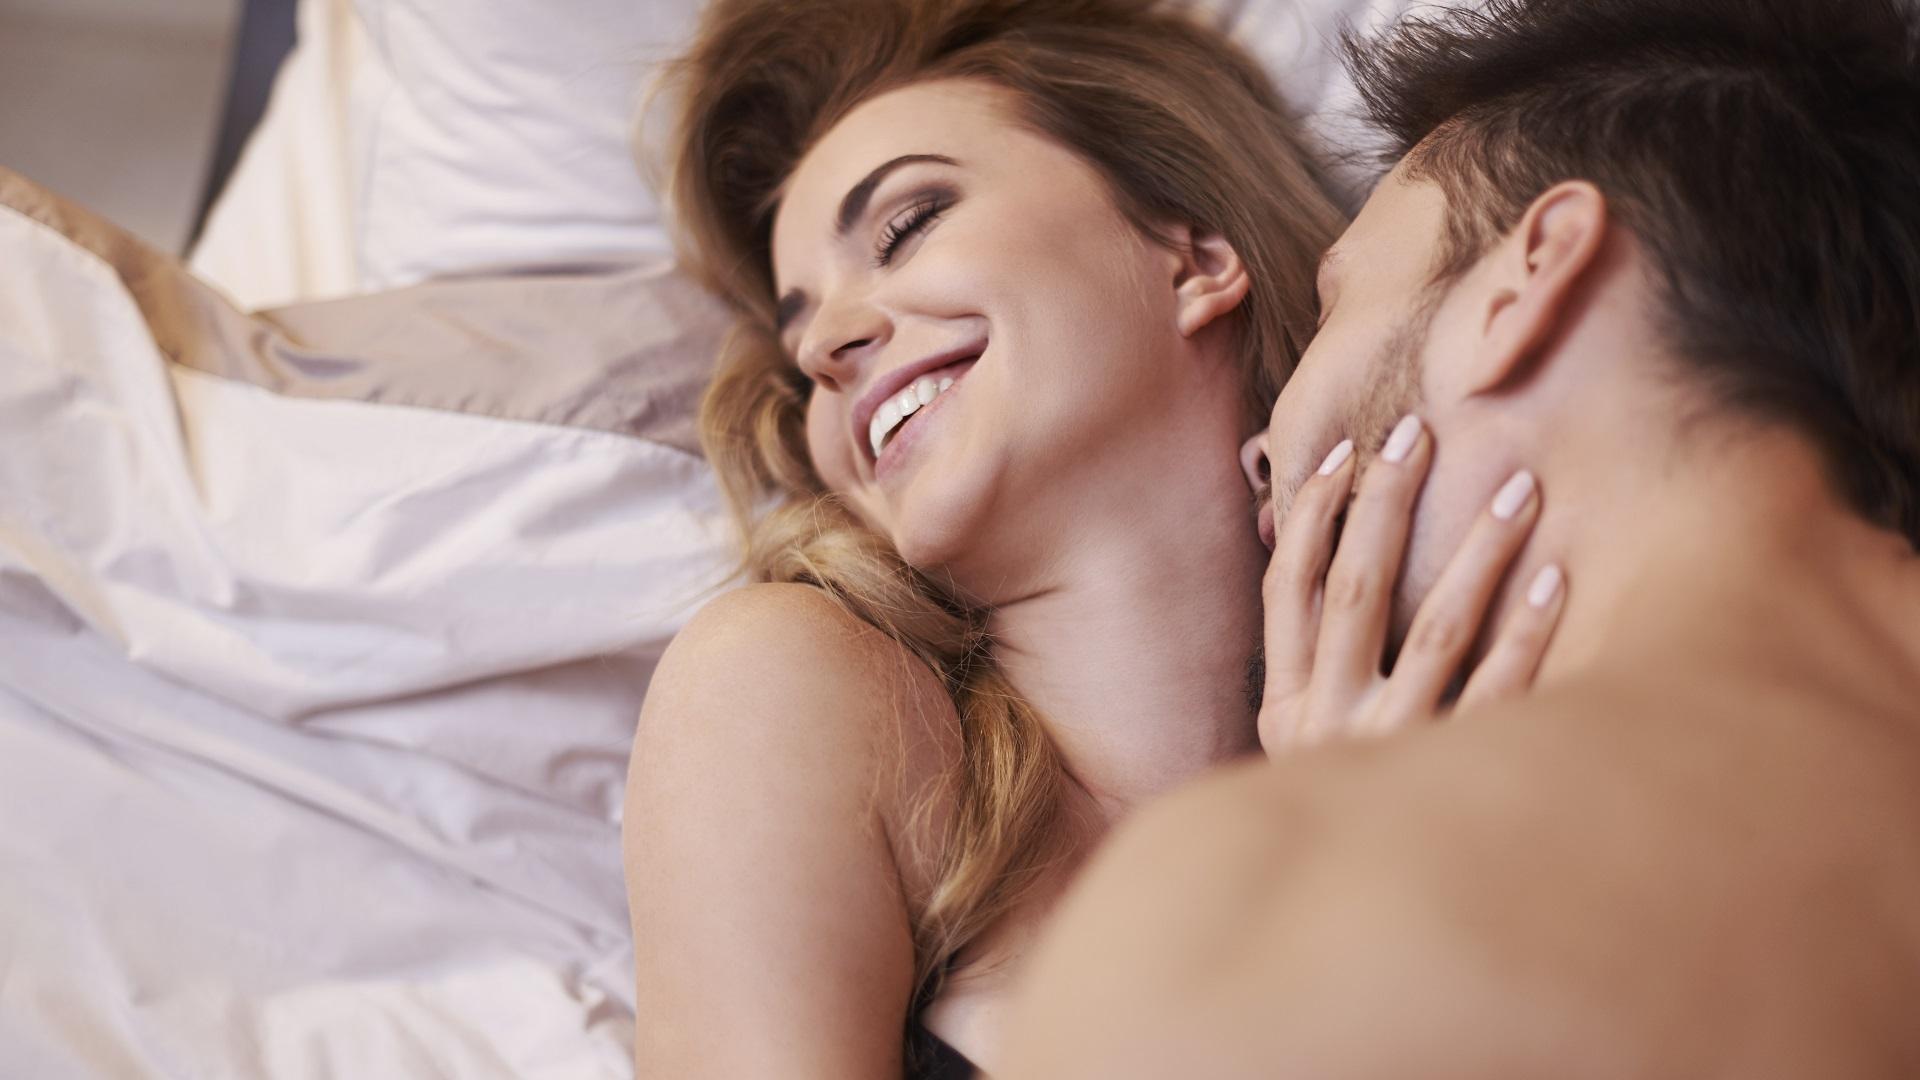 pareja-en-la-cama-mientras-el-hombre-besa-el-cuello-de-la-mujer